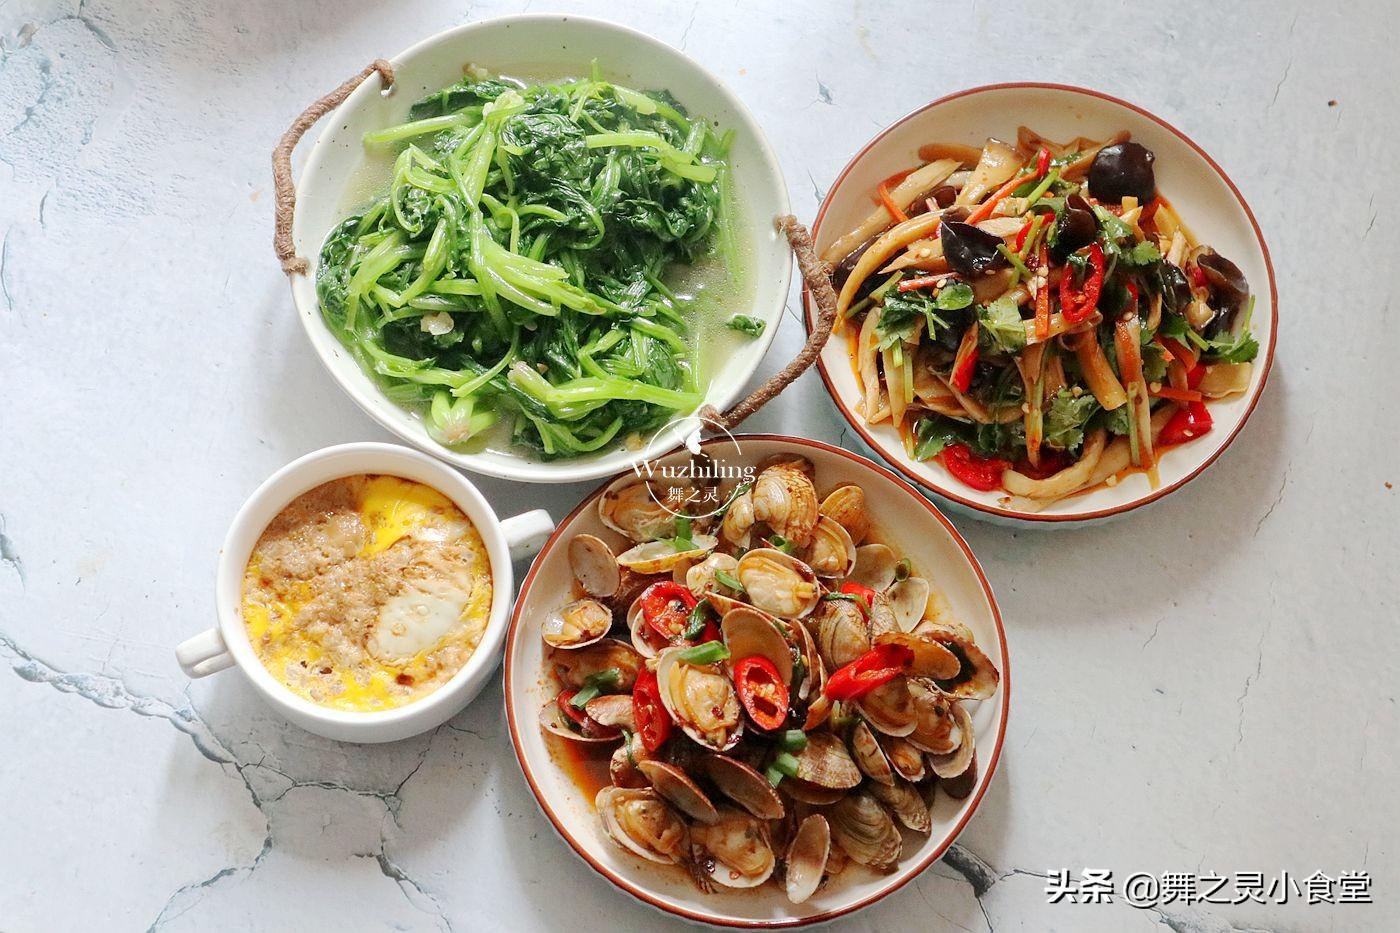 为高考生精心准备的午餐,健康又营养 午餐 第4张